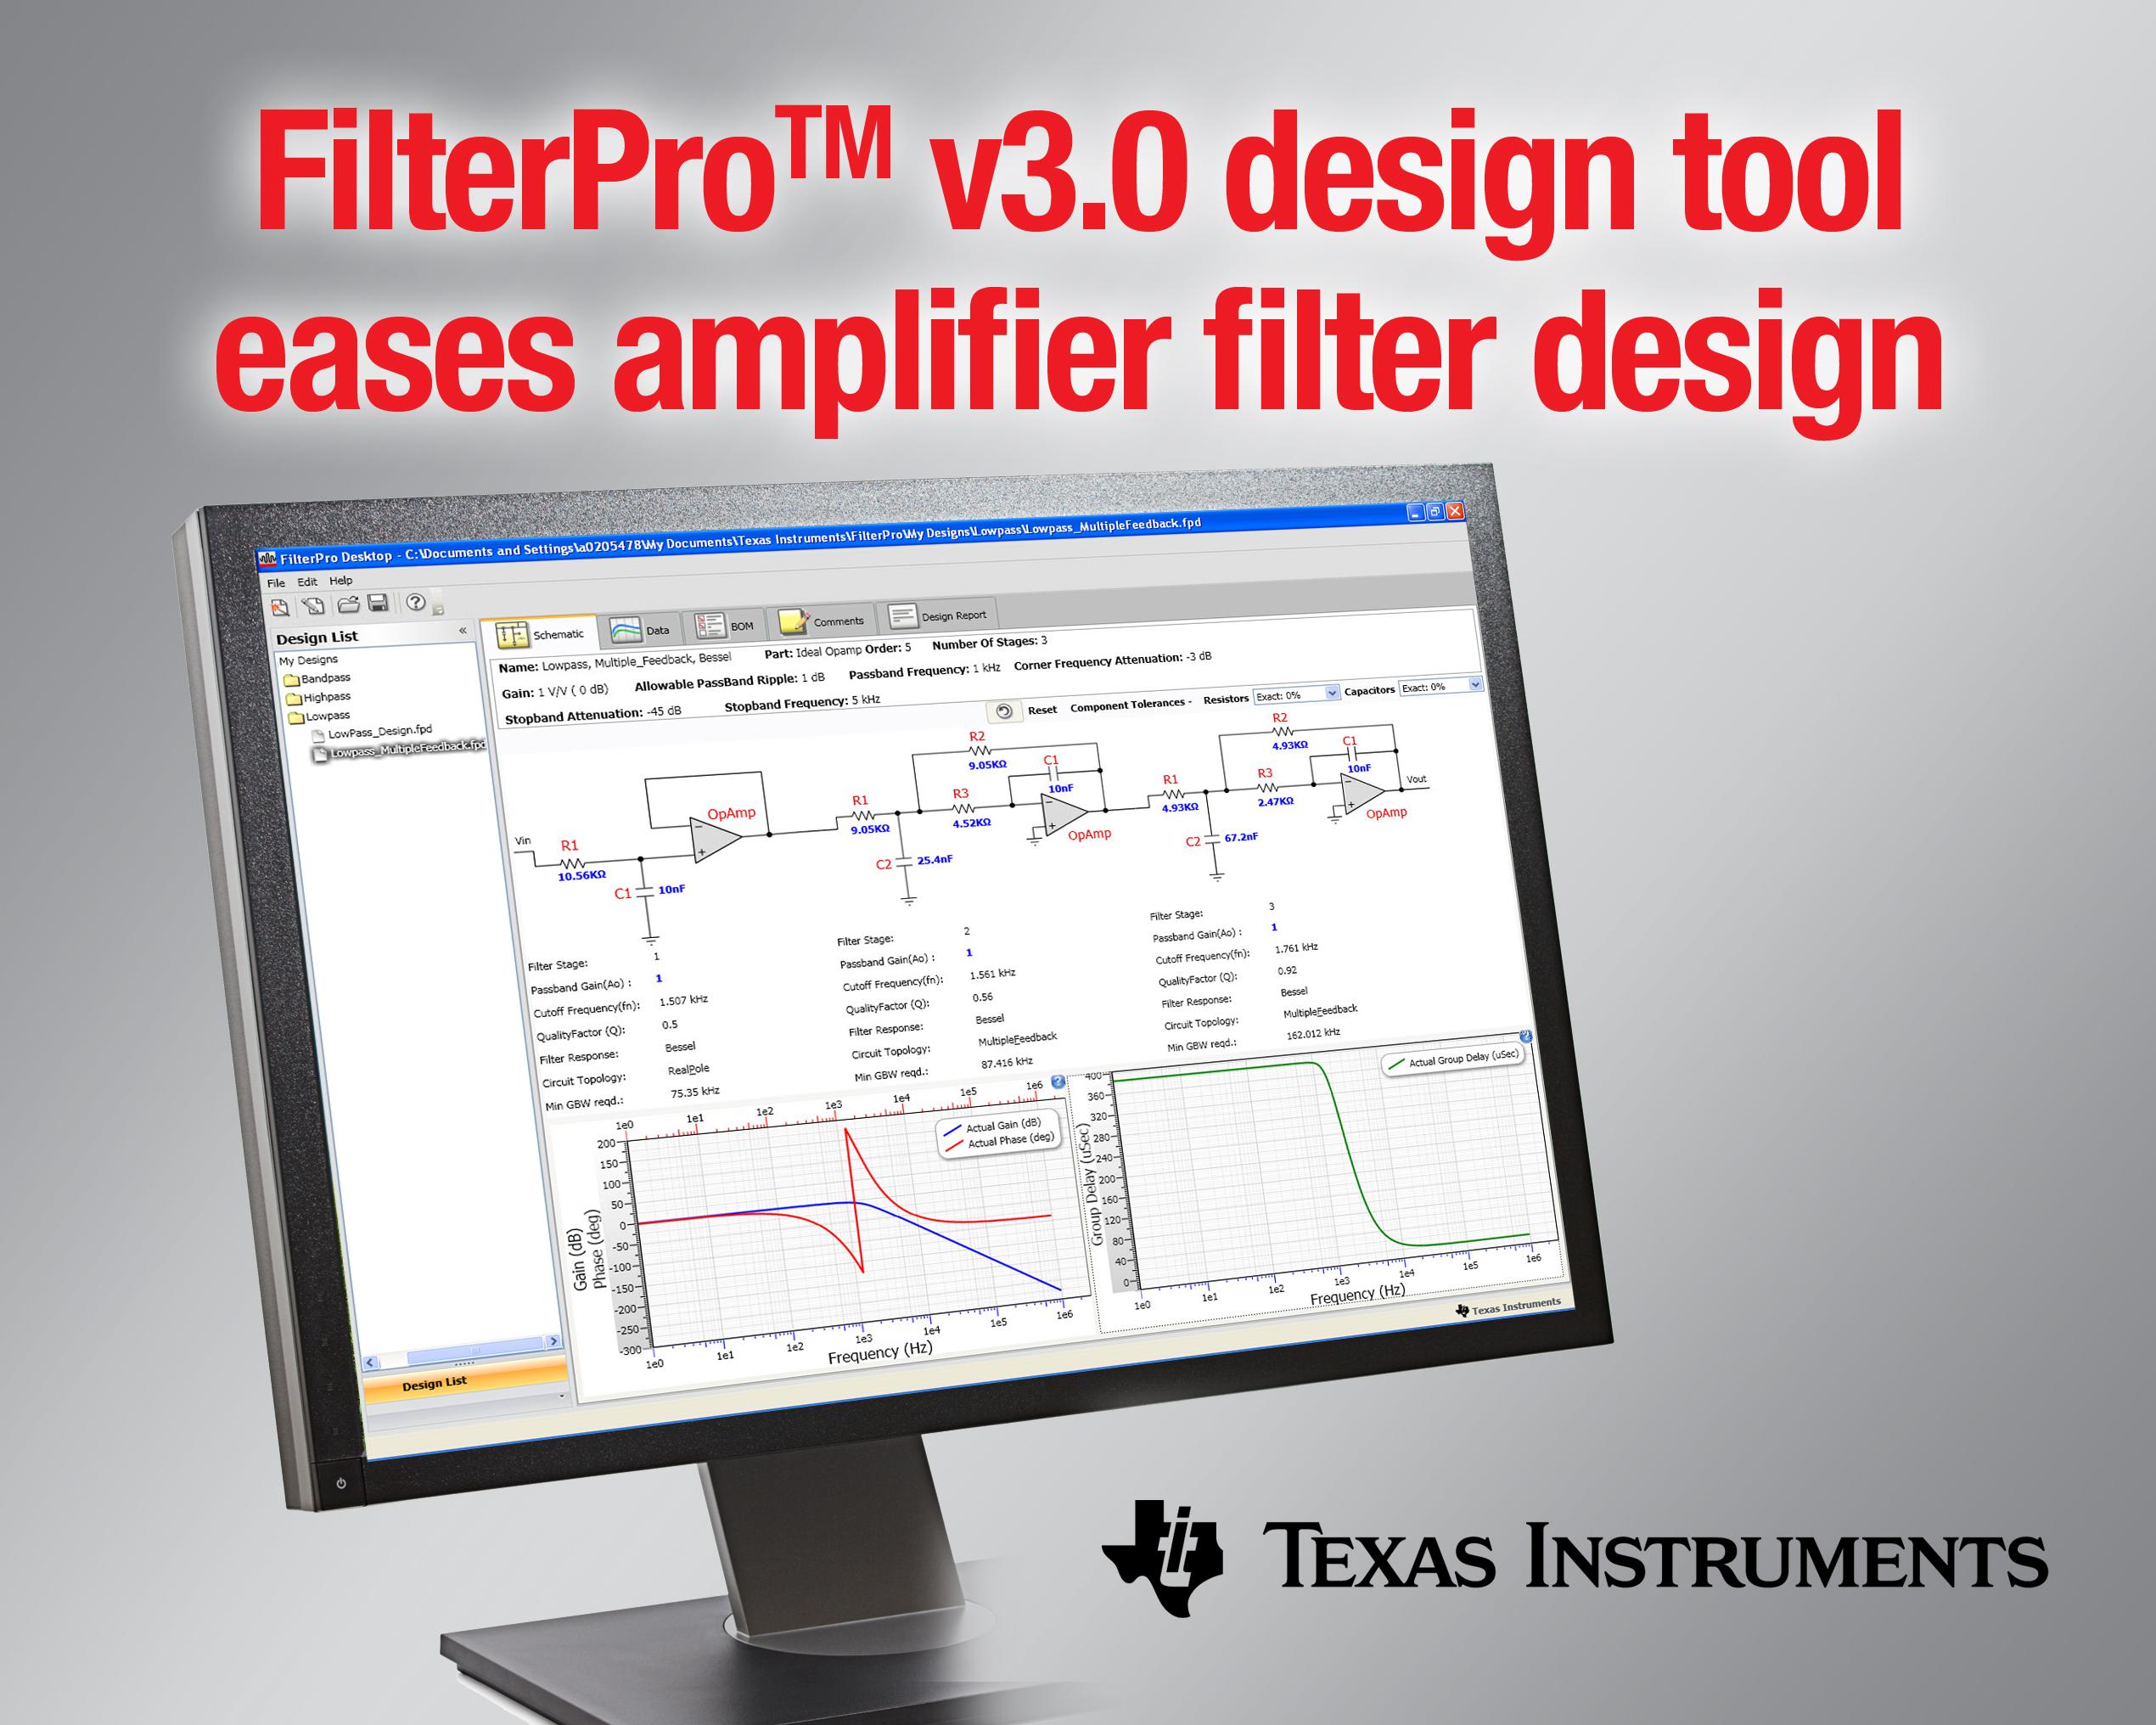 日本ti アクティブ フィルタの設計に役立つ filterpro v3 0 設計